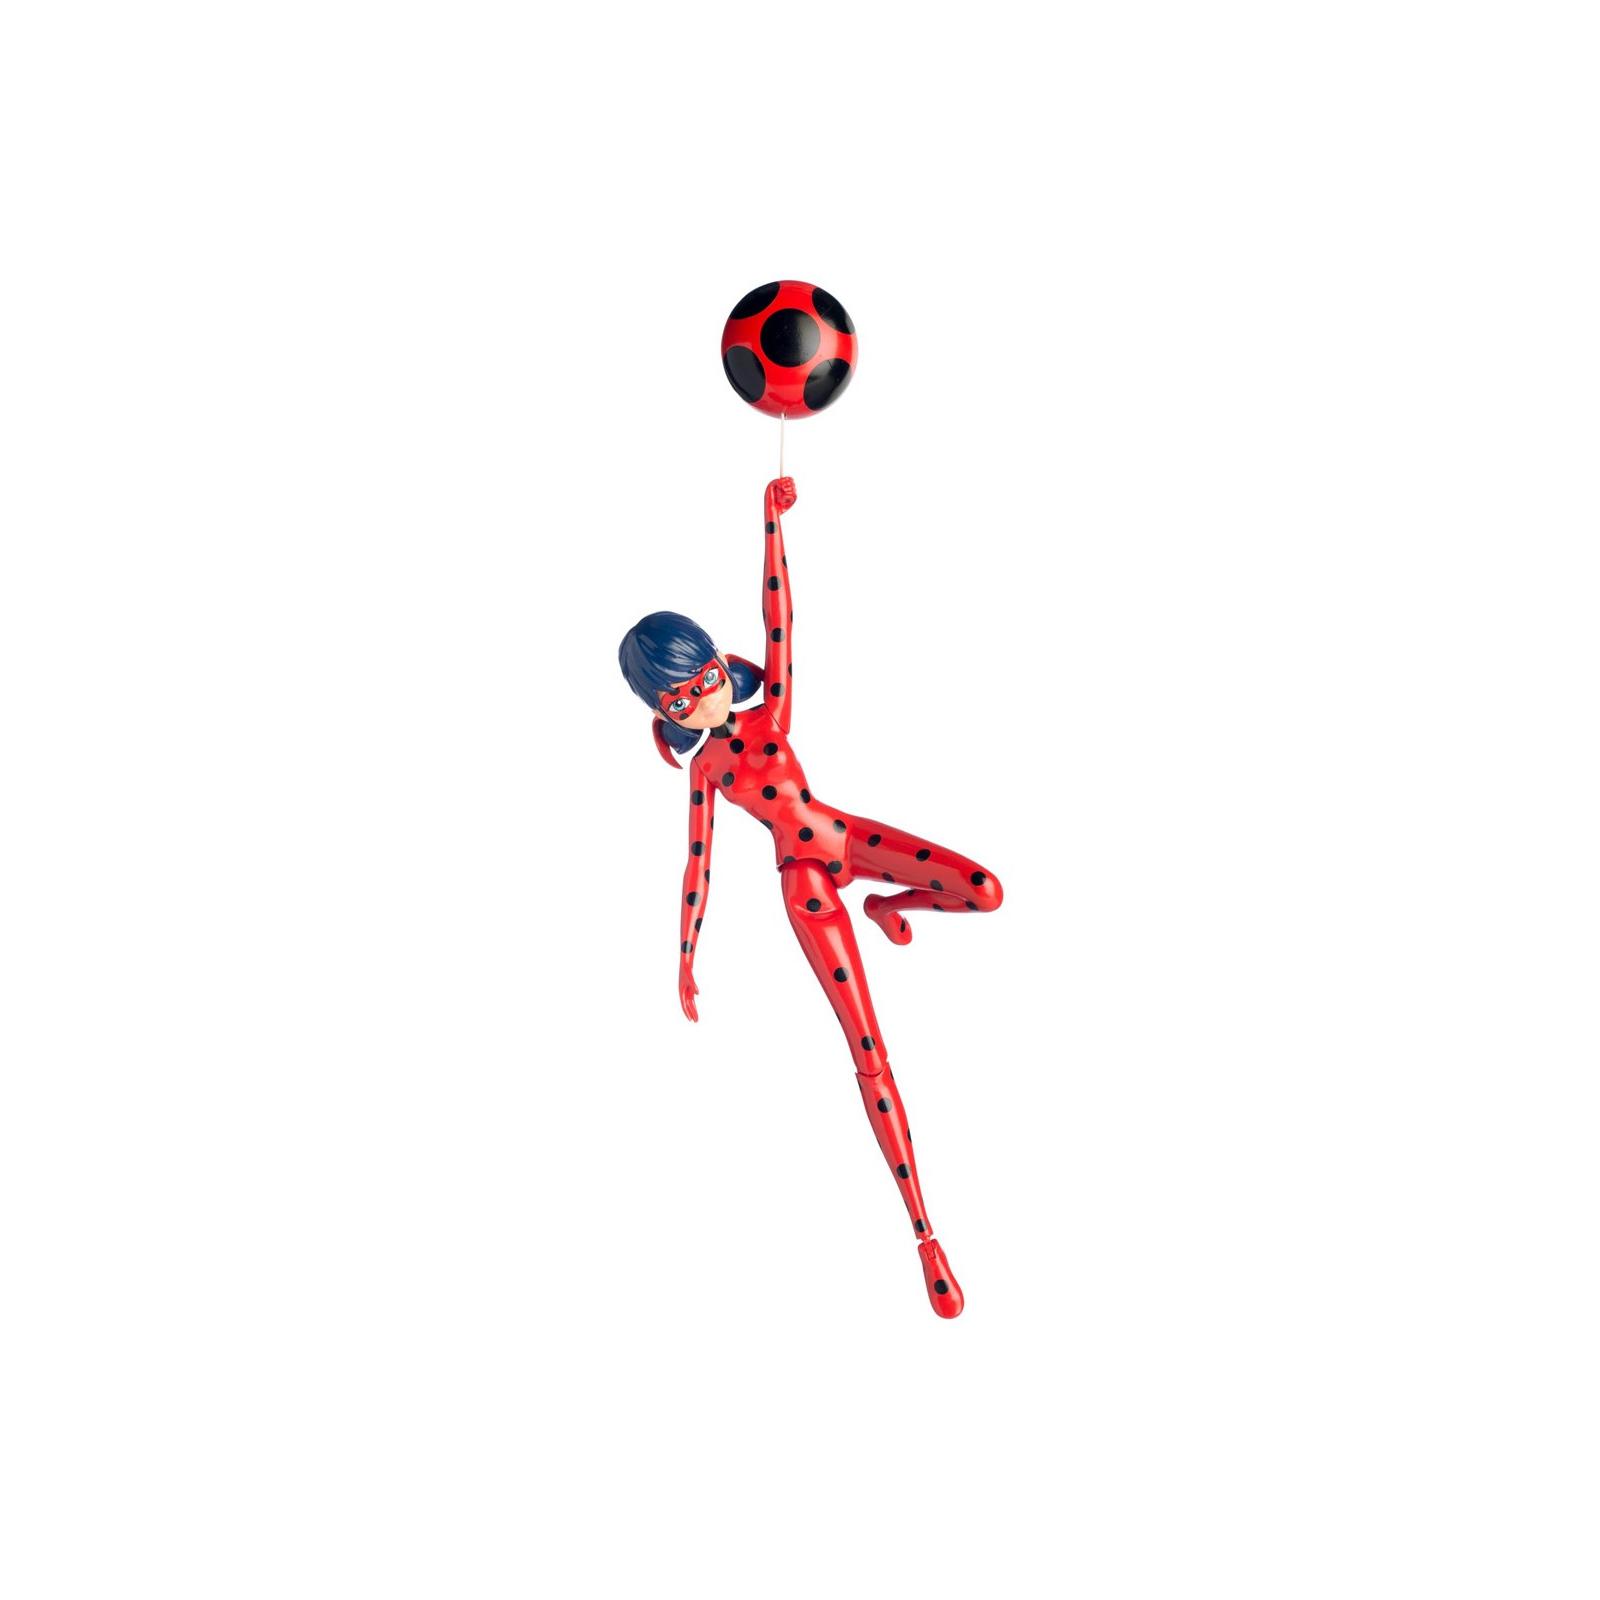 Кукла Miraculous удесная Леди Баг 19 см с аксессуаром (39731)